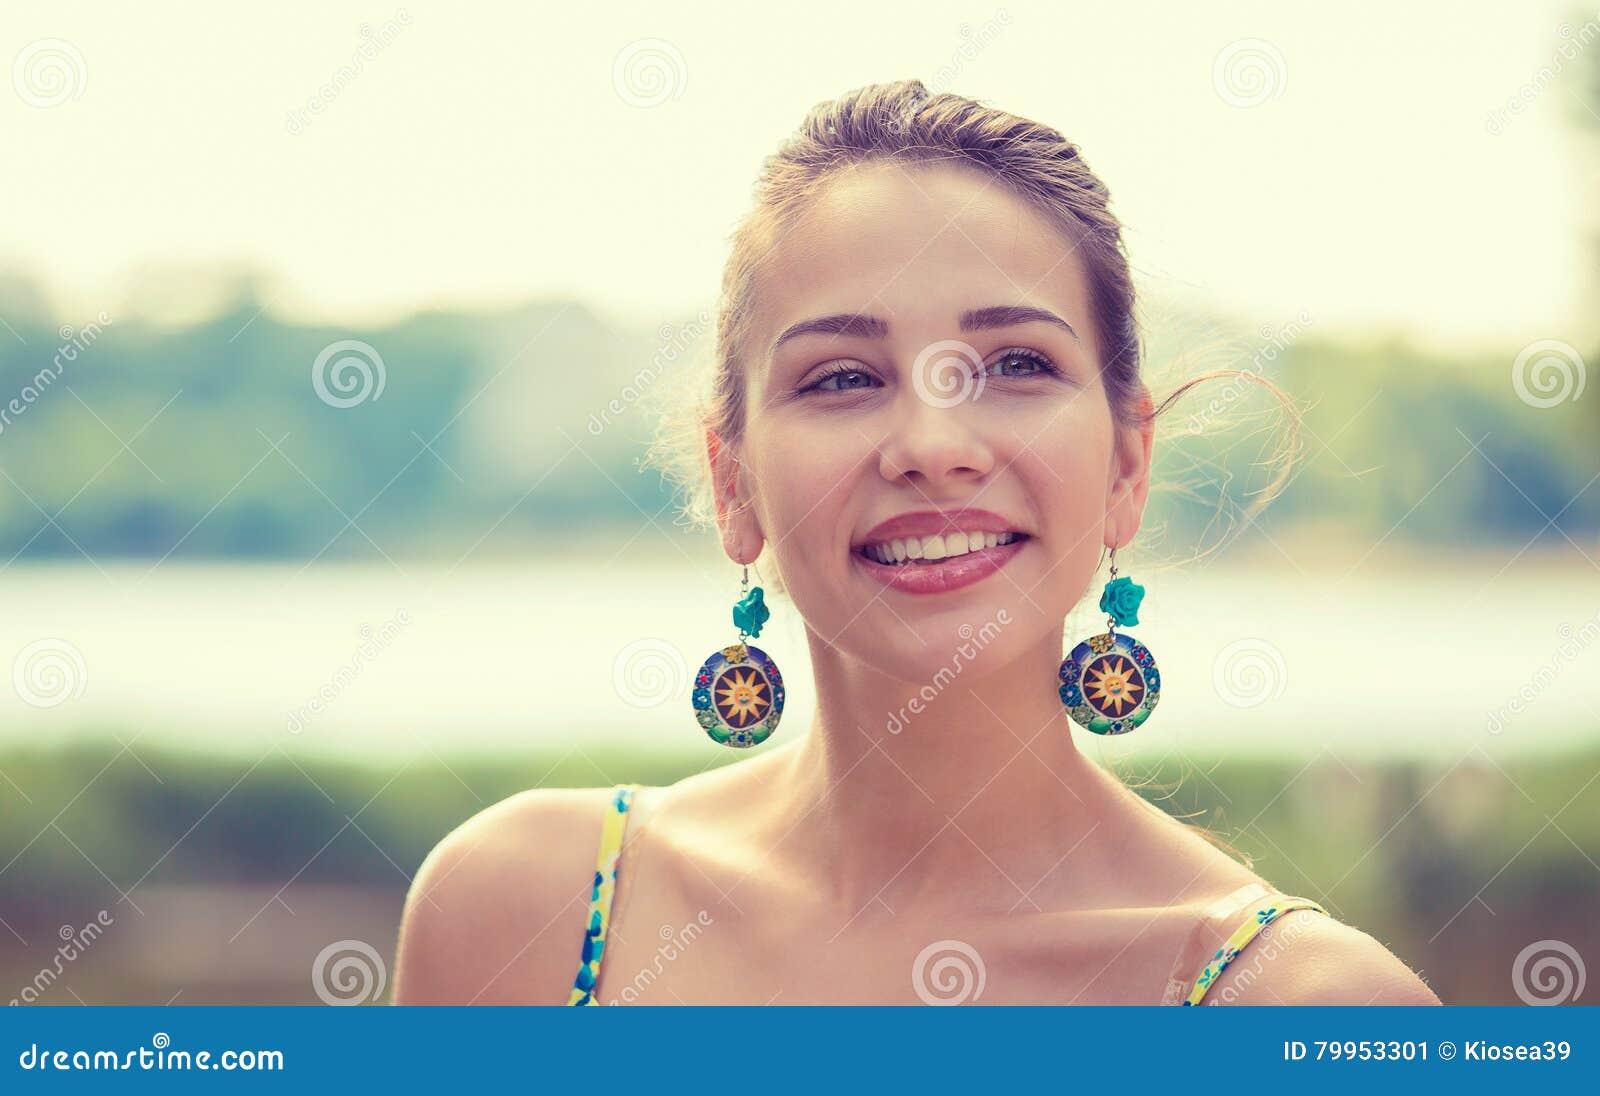 Retrato de una mujer bastante feliz, sonriendo